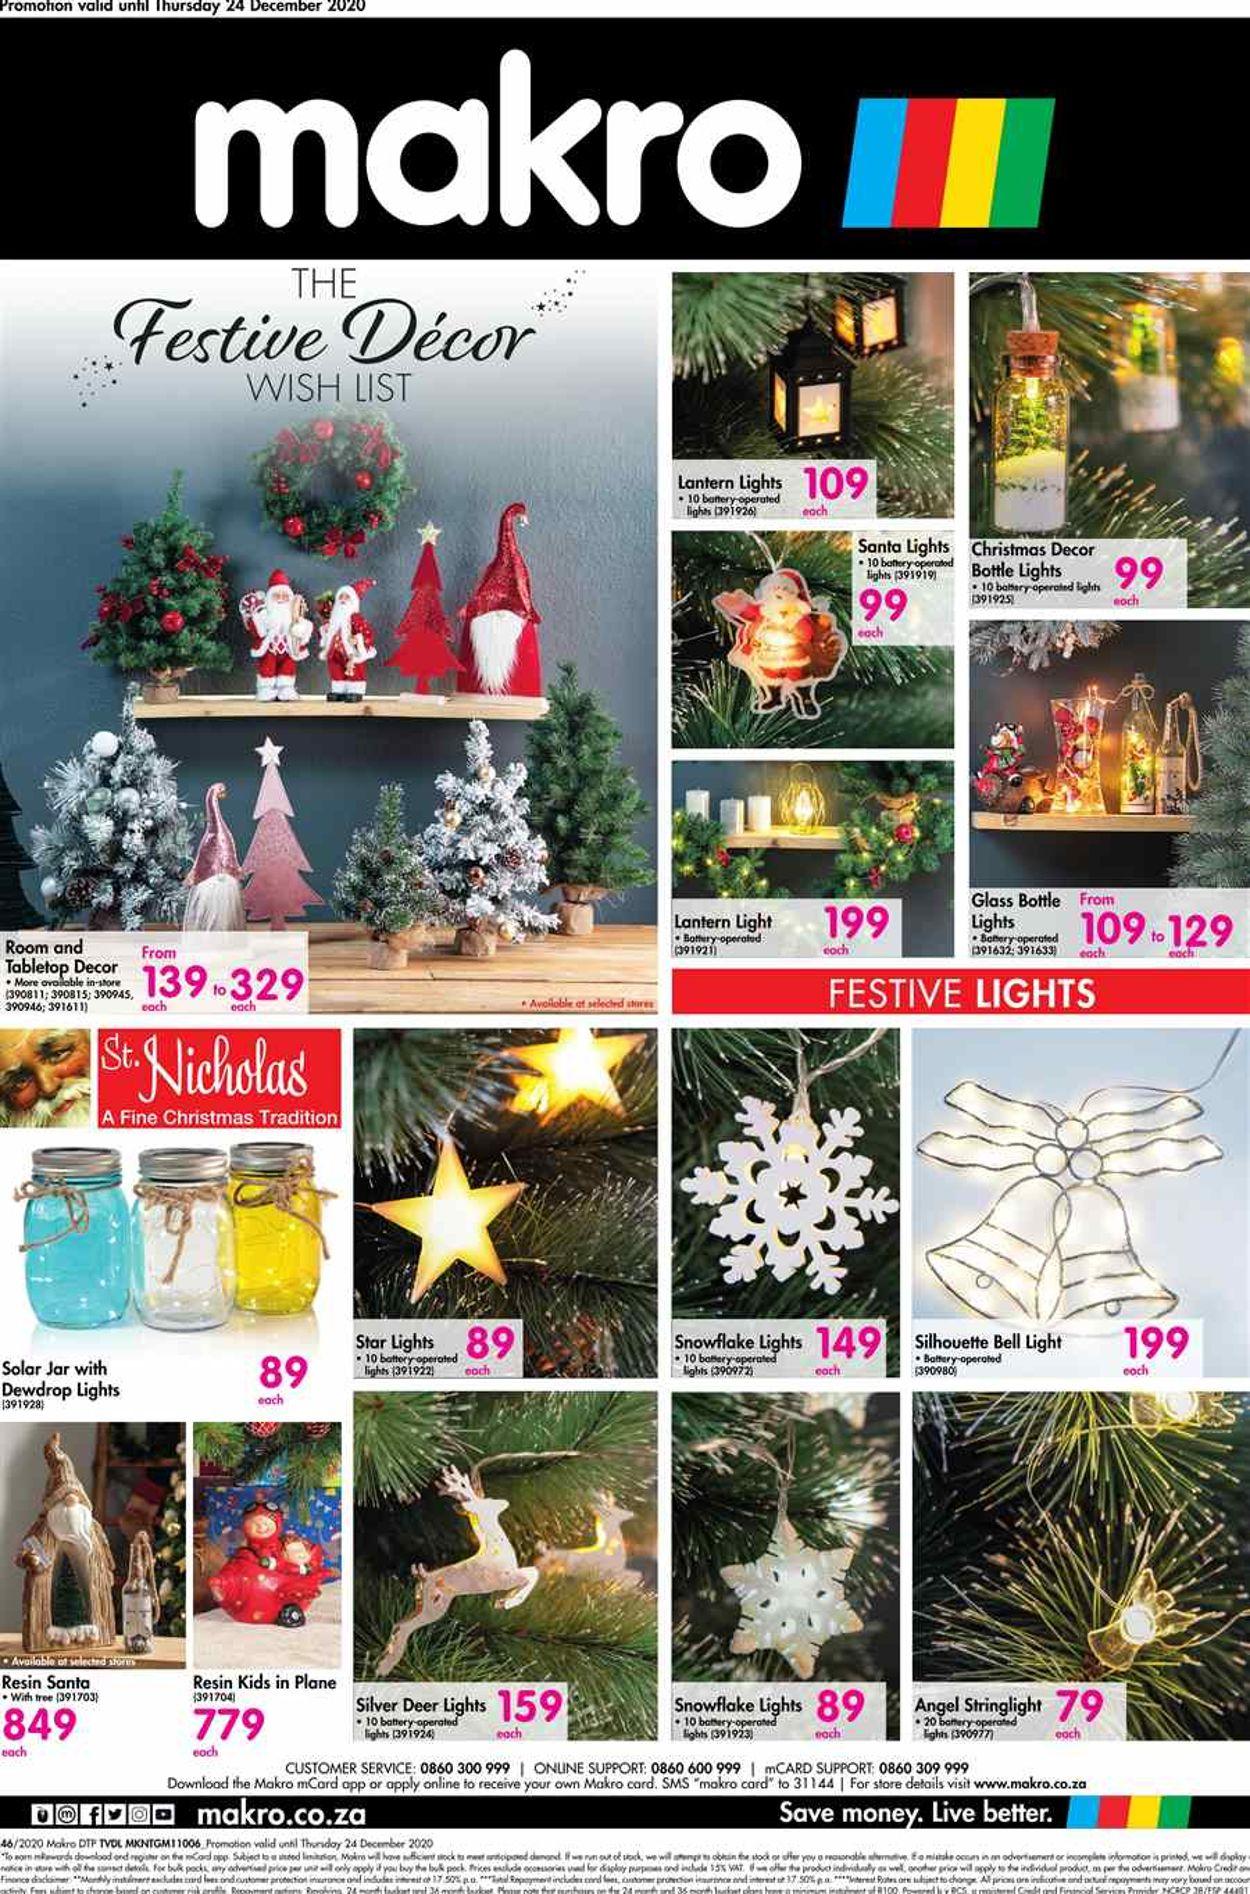 Makro Holidays 2020 Catalogue - 2020/11/08-2020/12/24